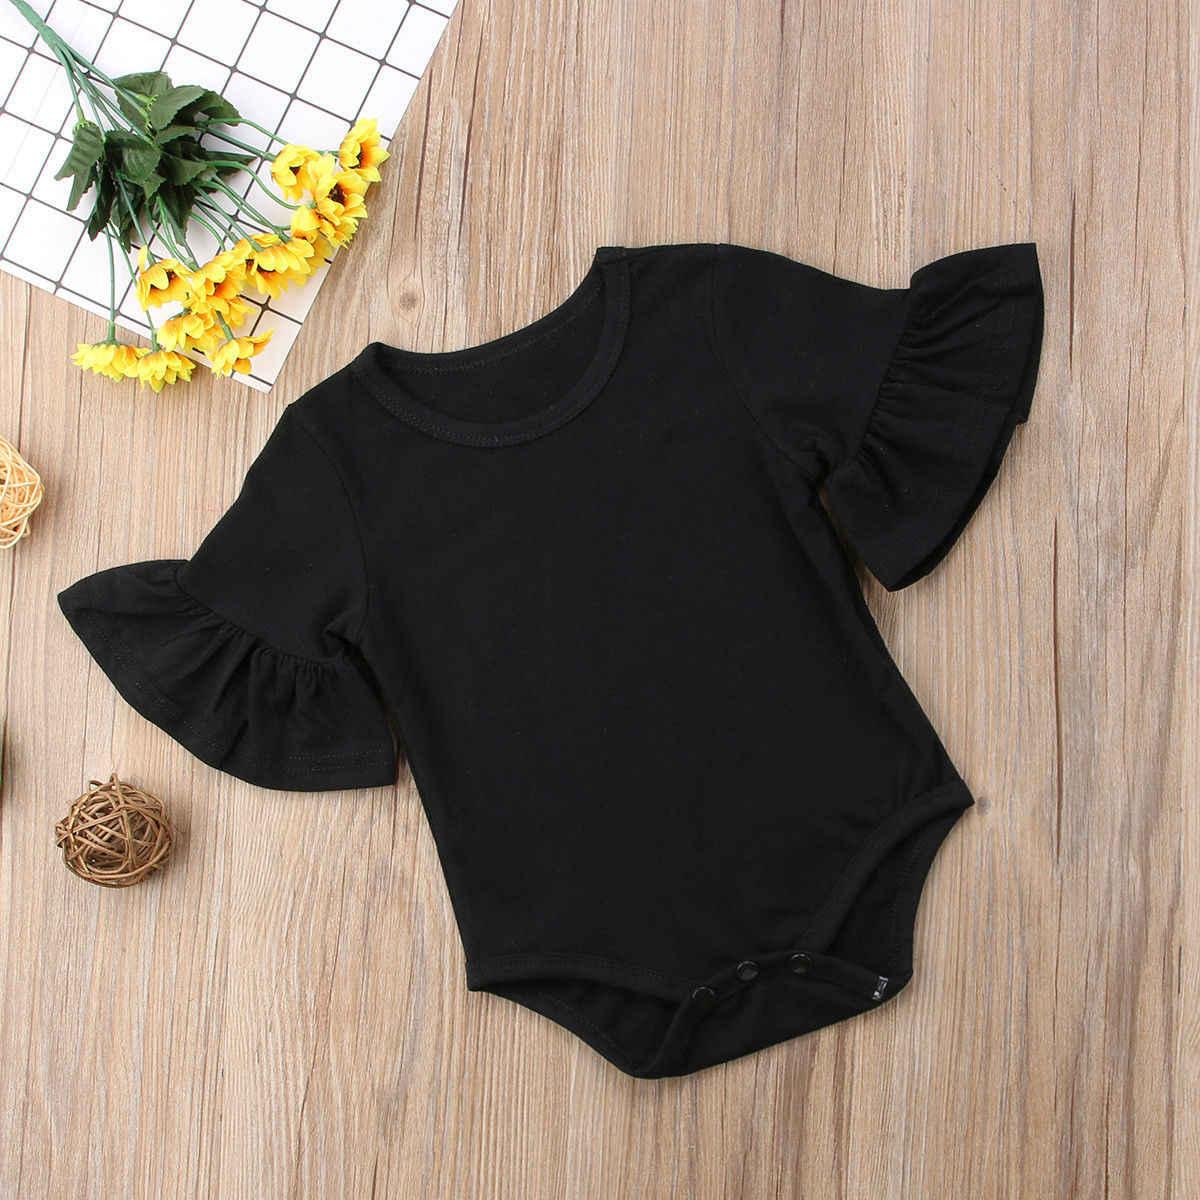 2019 nuevo bebé recién nacido bebé chica sólido monos ropa de manga acampanada mono Braga Casual trajes de algodón Mujer